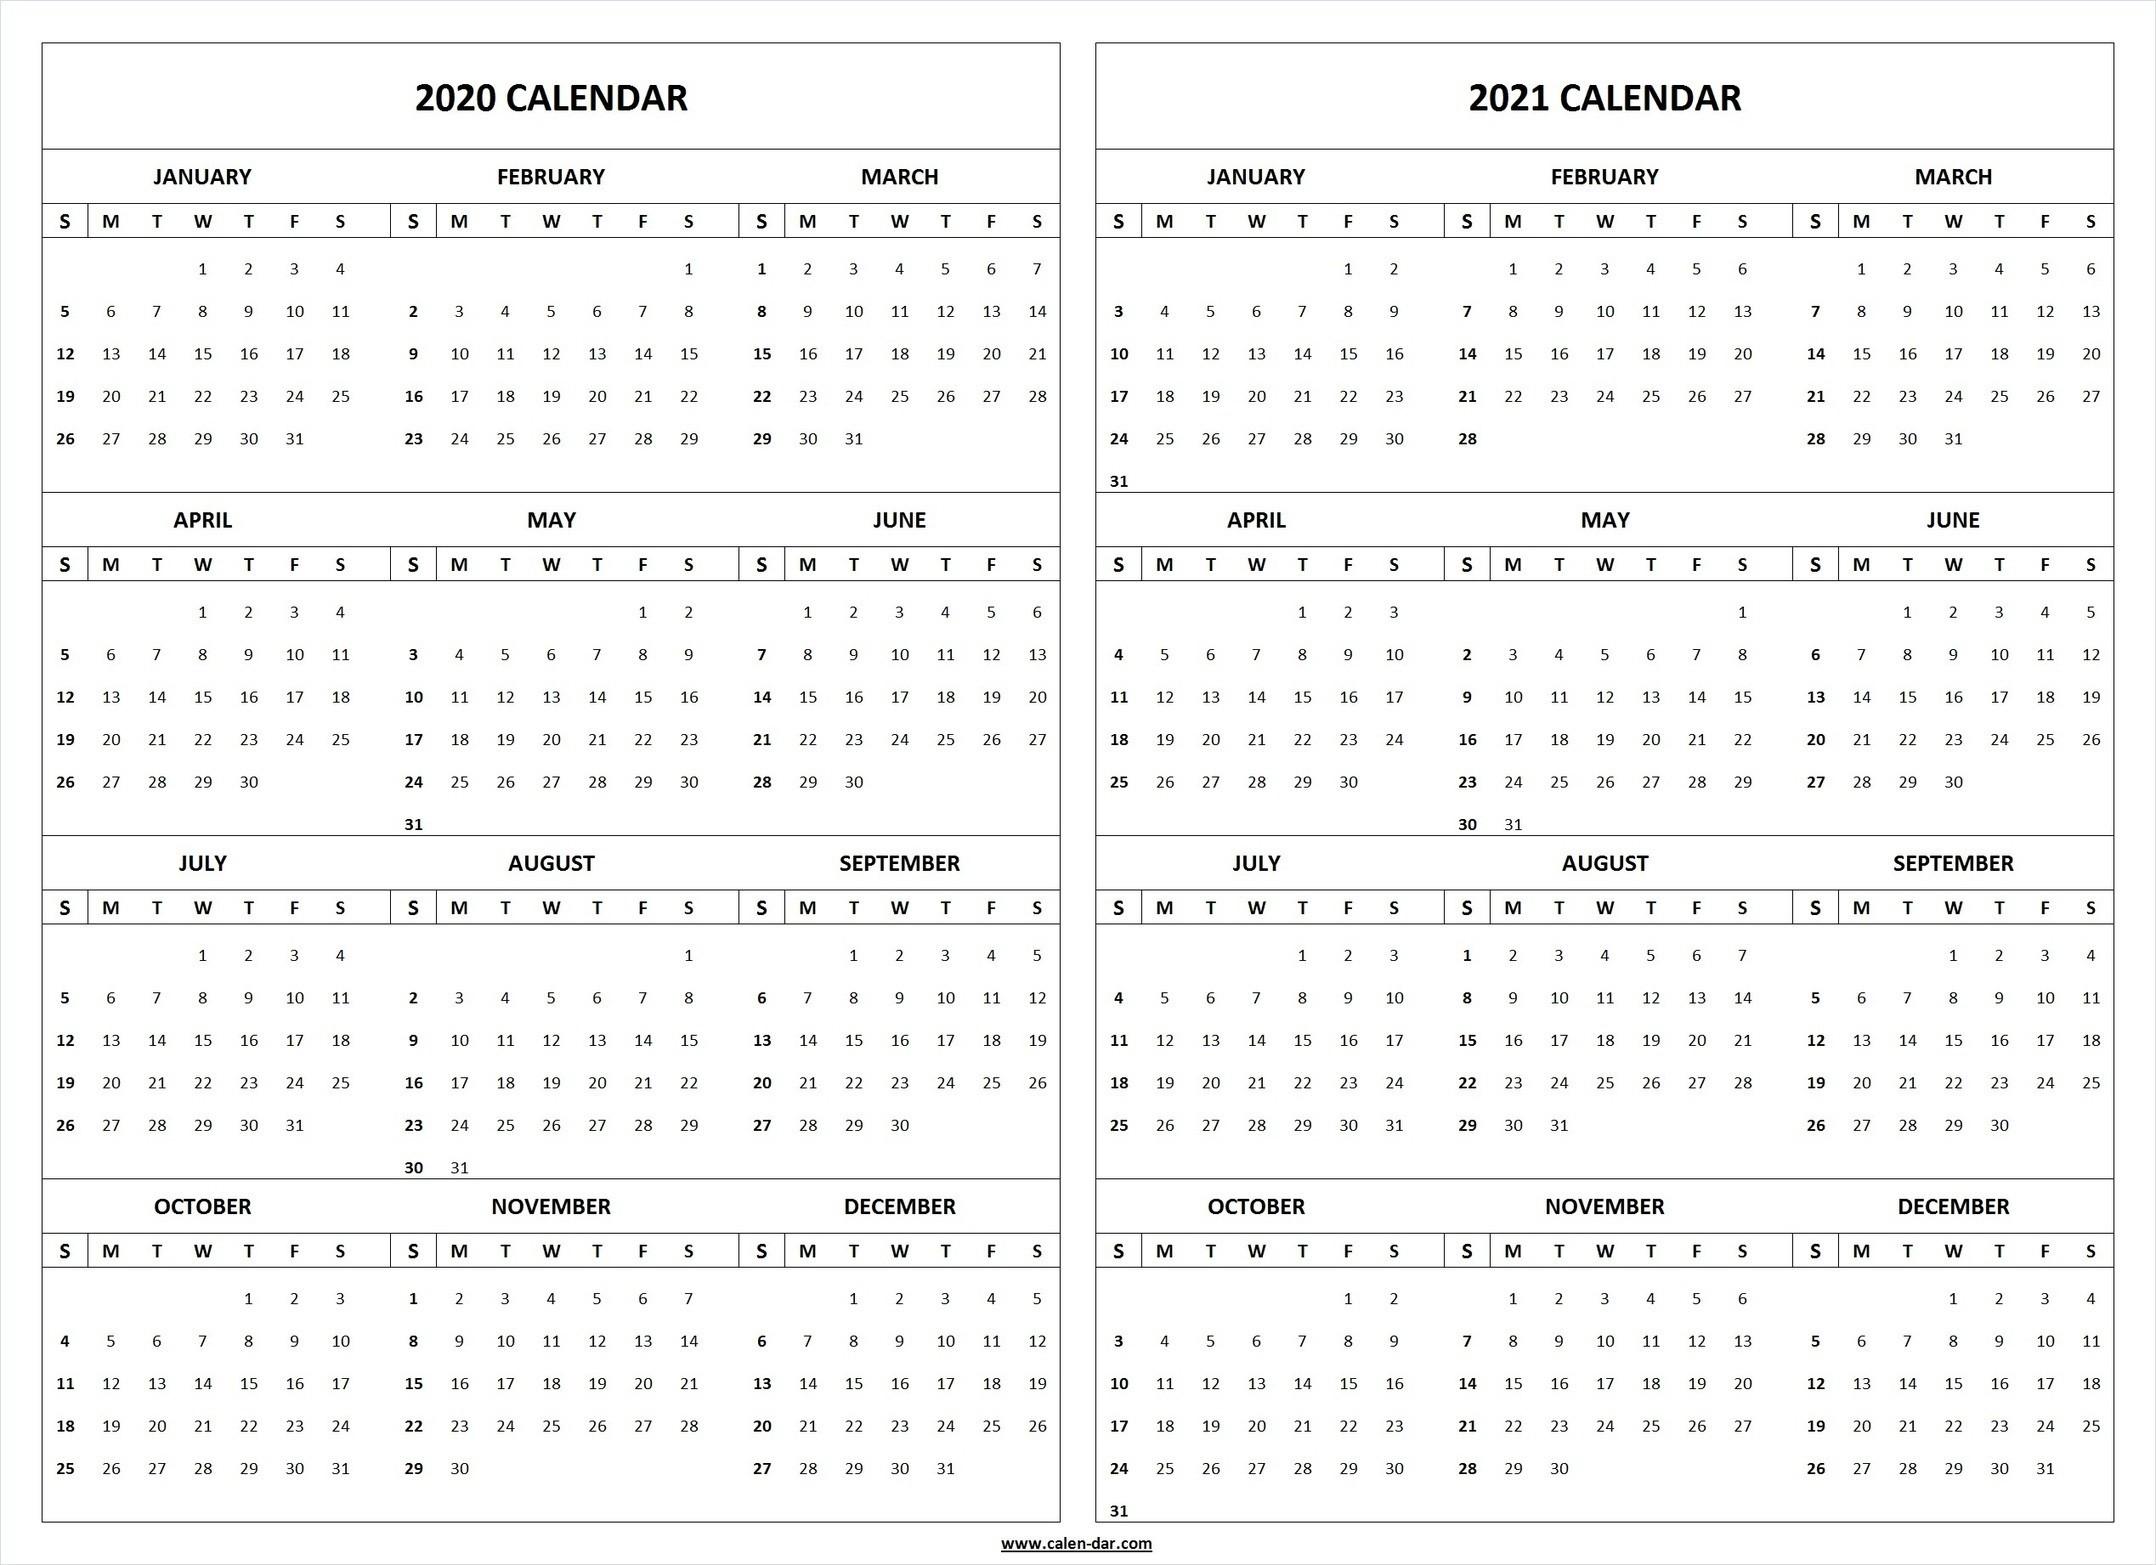 Calendario 2019 En Blanco Para Imprimir Pdf Más Populares 2020 2021 Calendar Printable Template Of Calendario 2019 En Blanco Para Imprimir Pdf Mejores Y Más Novedosos formato De Calendarios Kordurorddiner